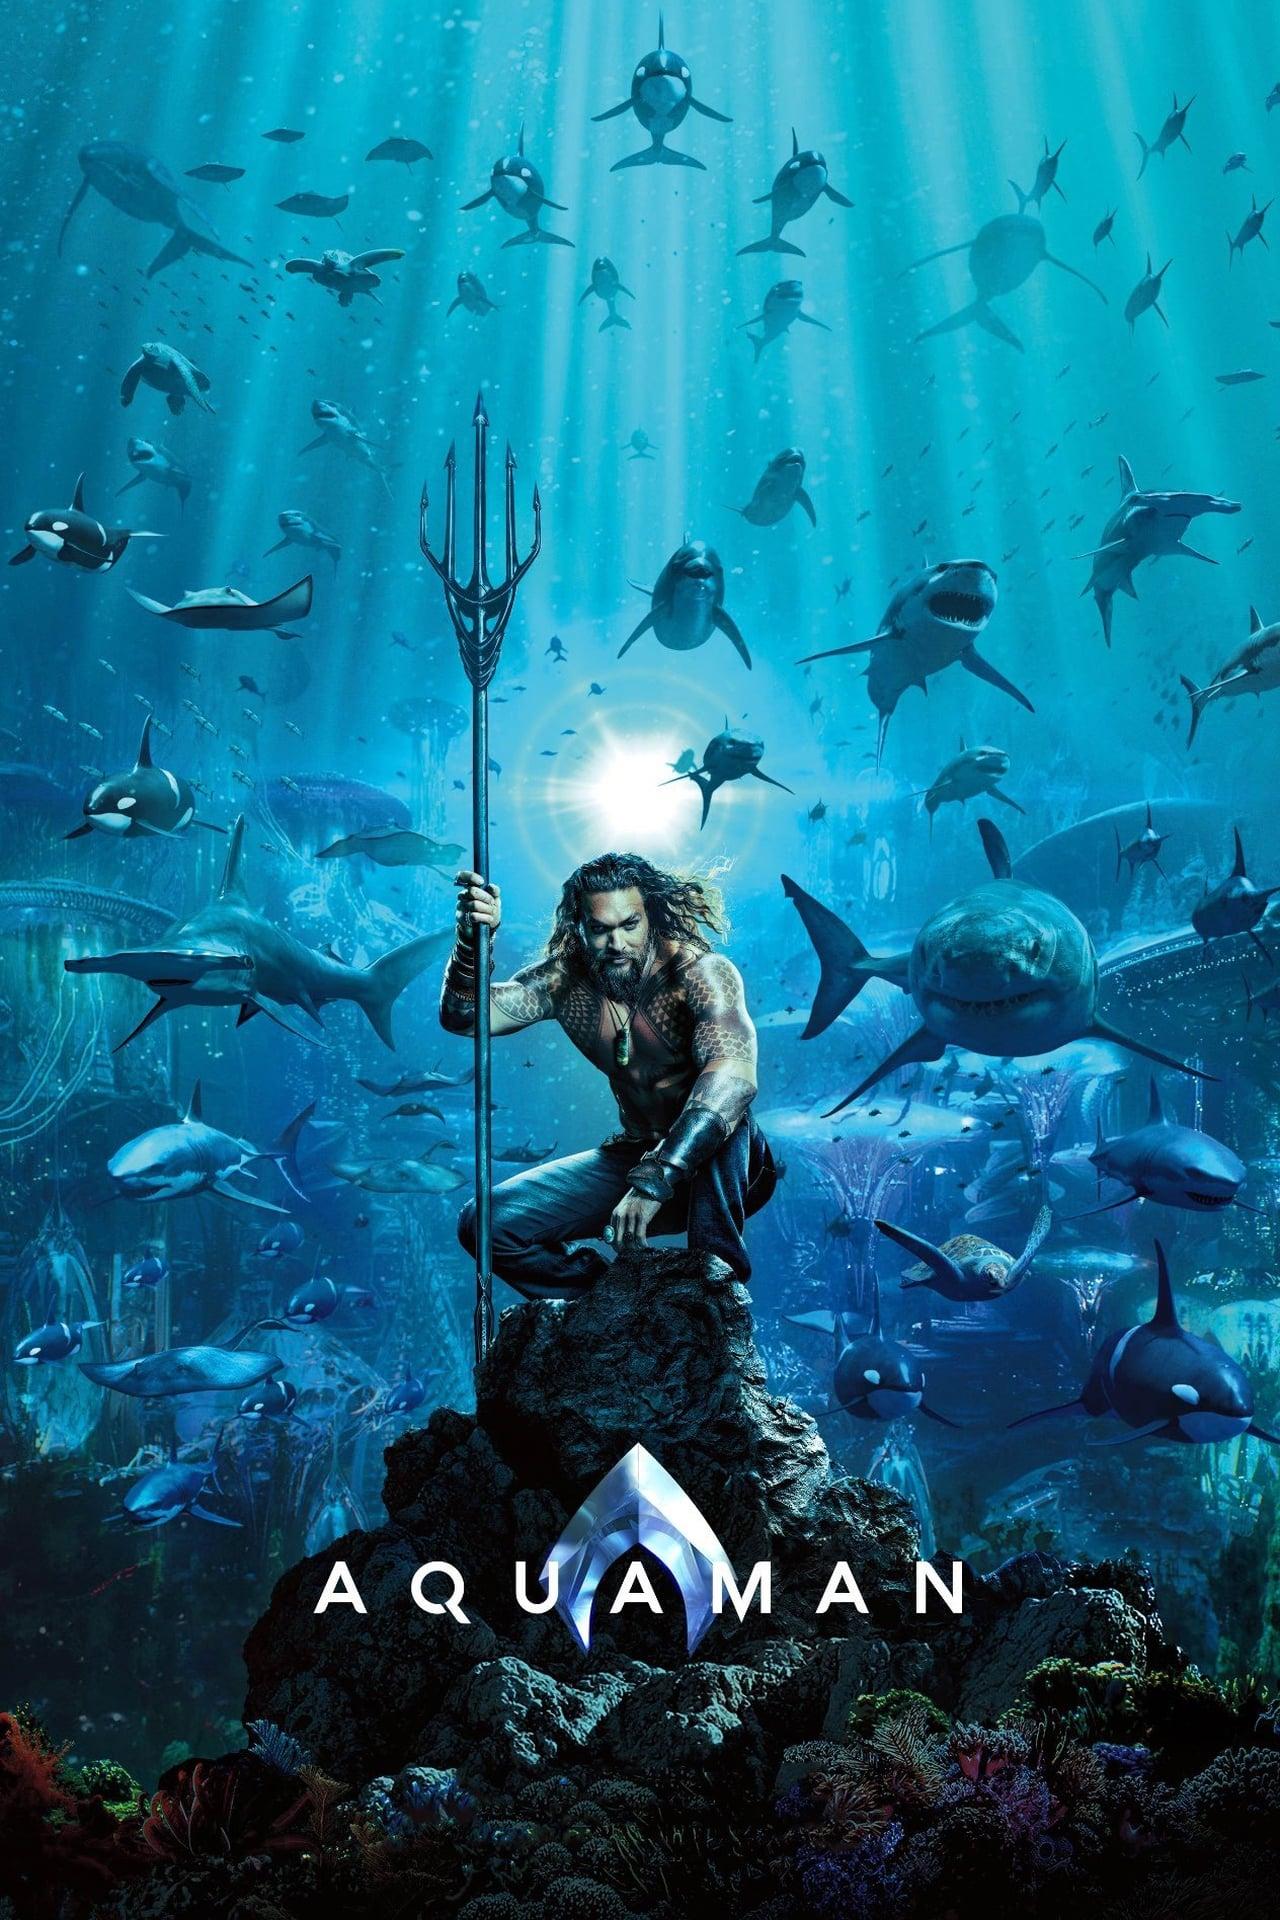 Aquaman Subtitles | 356 Available subtitles | opensubtitles com